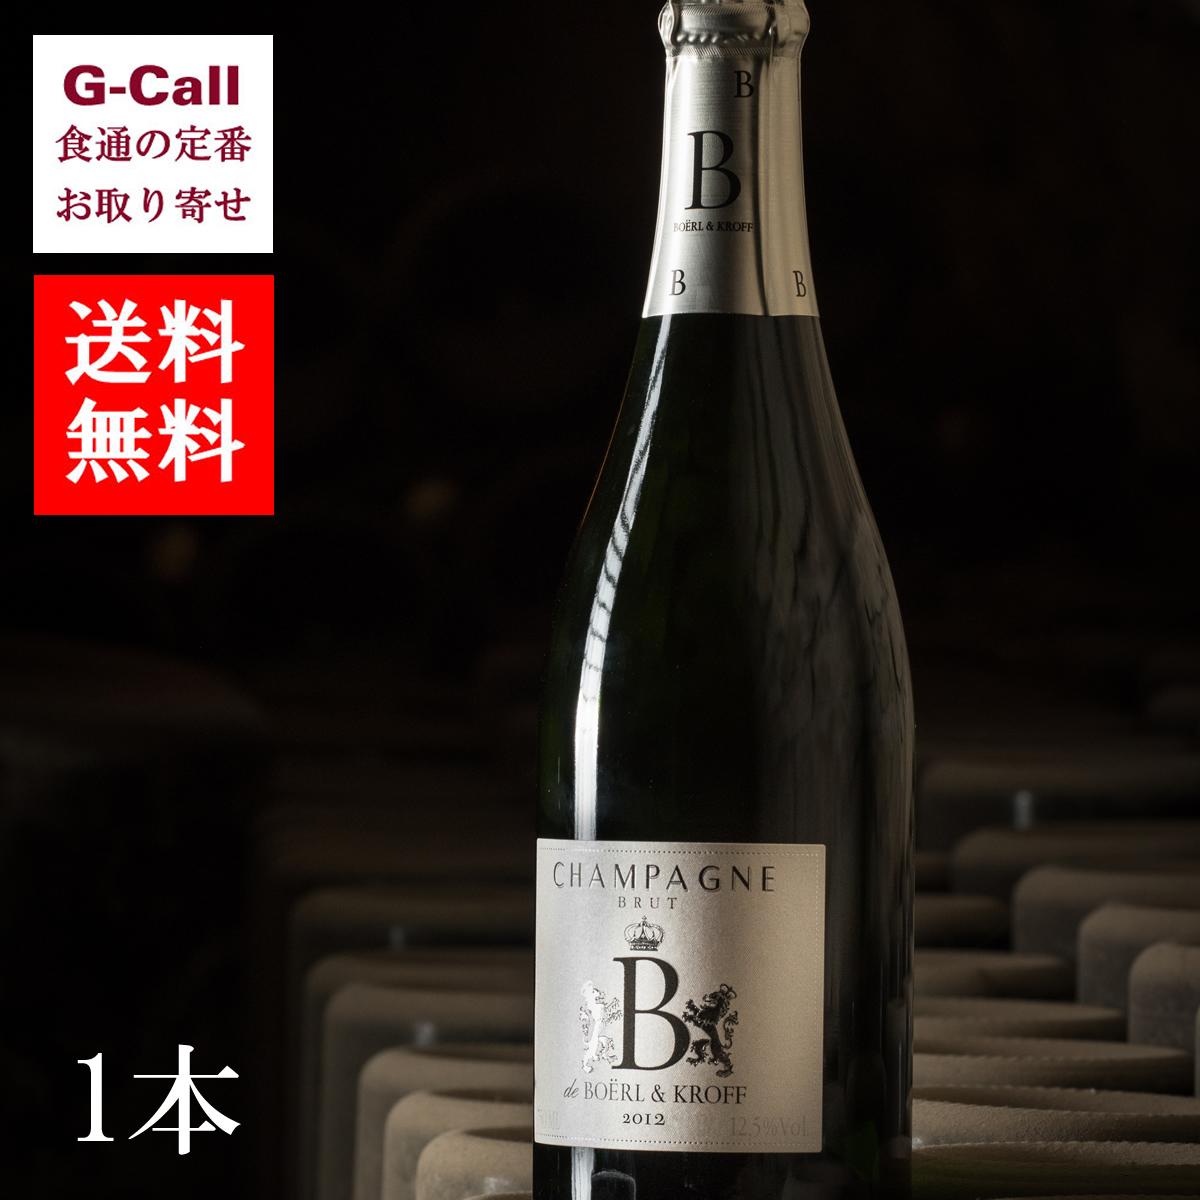 ボエル・エ・クロフ シャンパン 2012年ヴィンテージ 1本 木箱入り BO?RL & KROFF CHAMPAGNE シャンパーニュ お取り寄せ/シャンパン/ワイン/ギフト/贈り物/プレゼント/